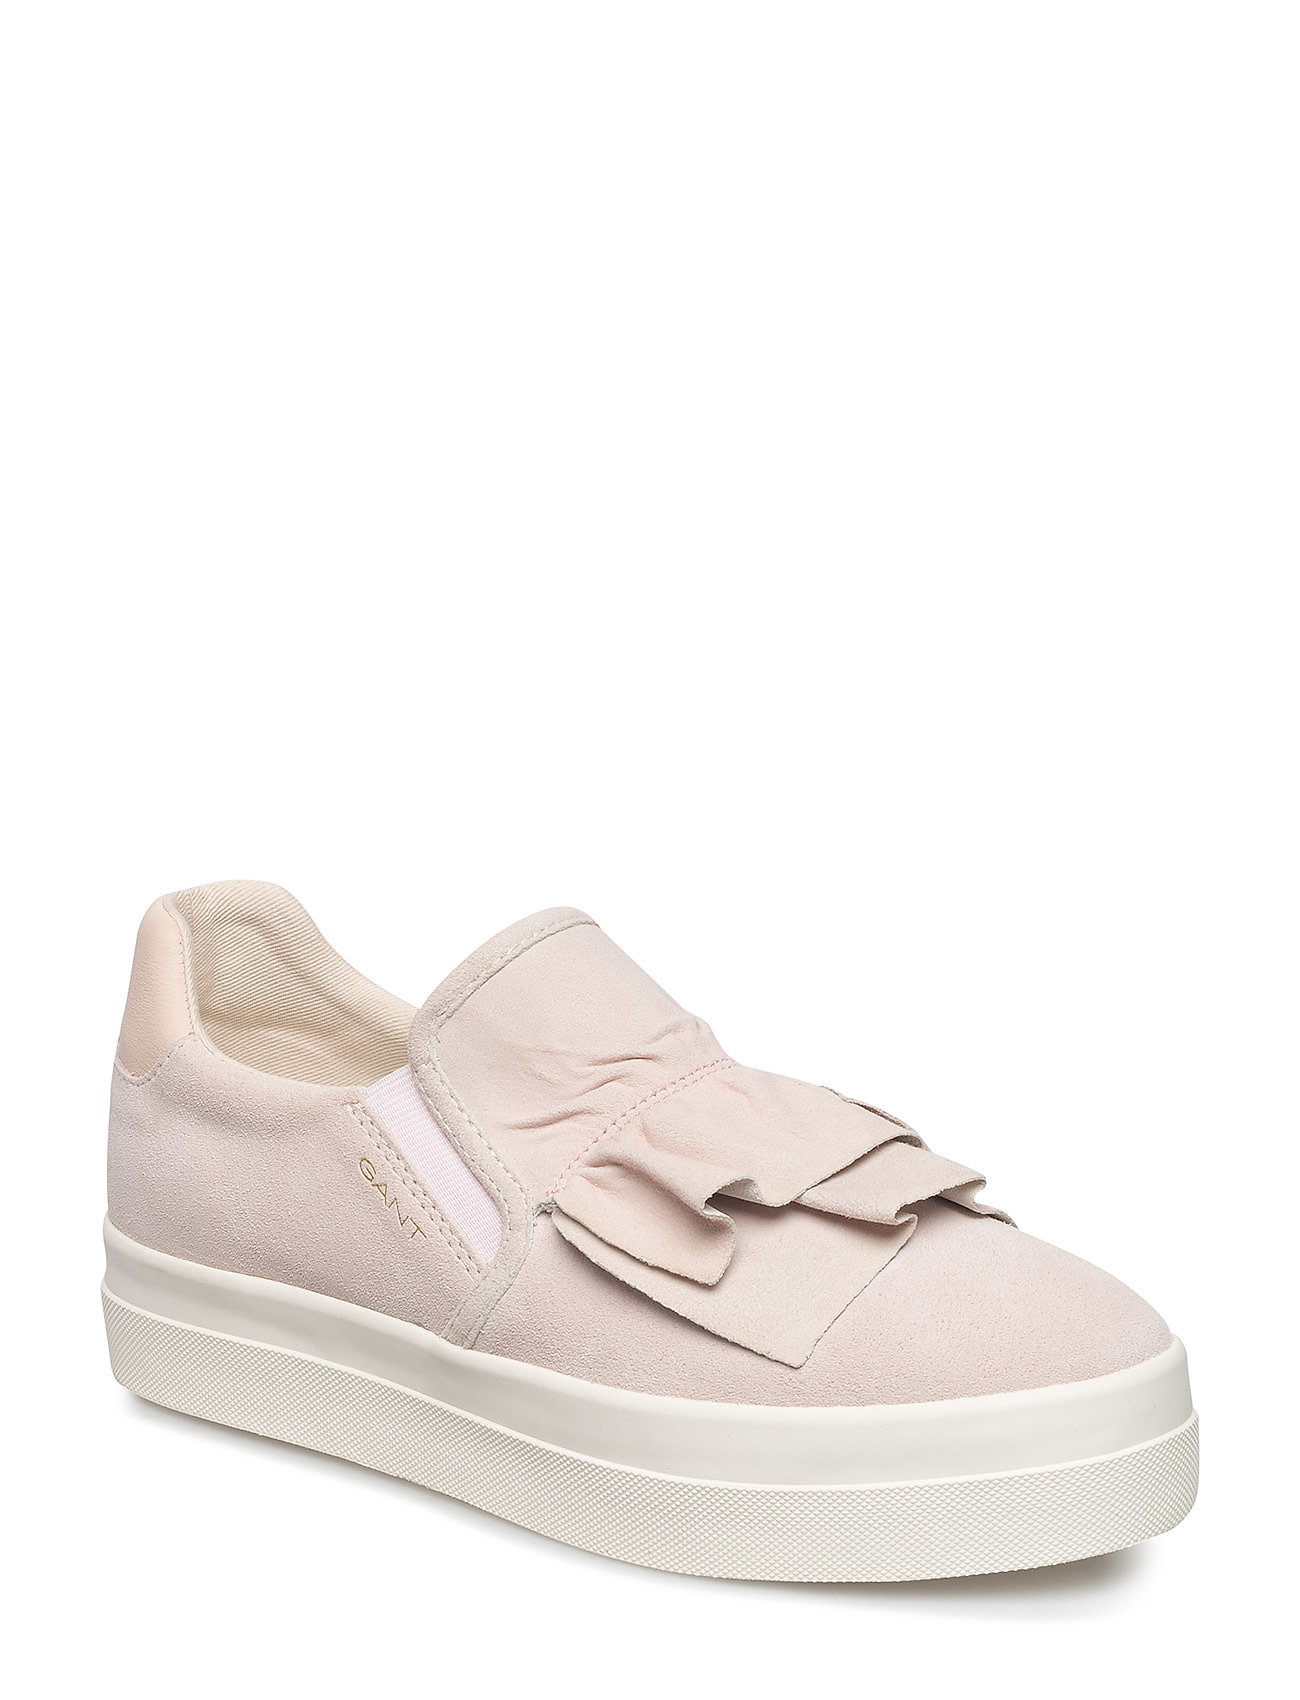 Bild på Amanda Slip-On Shoes